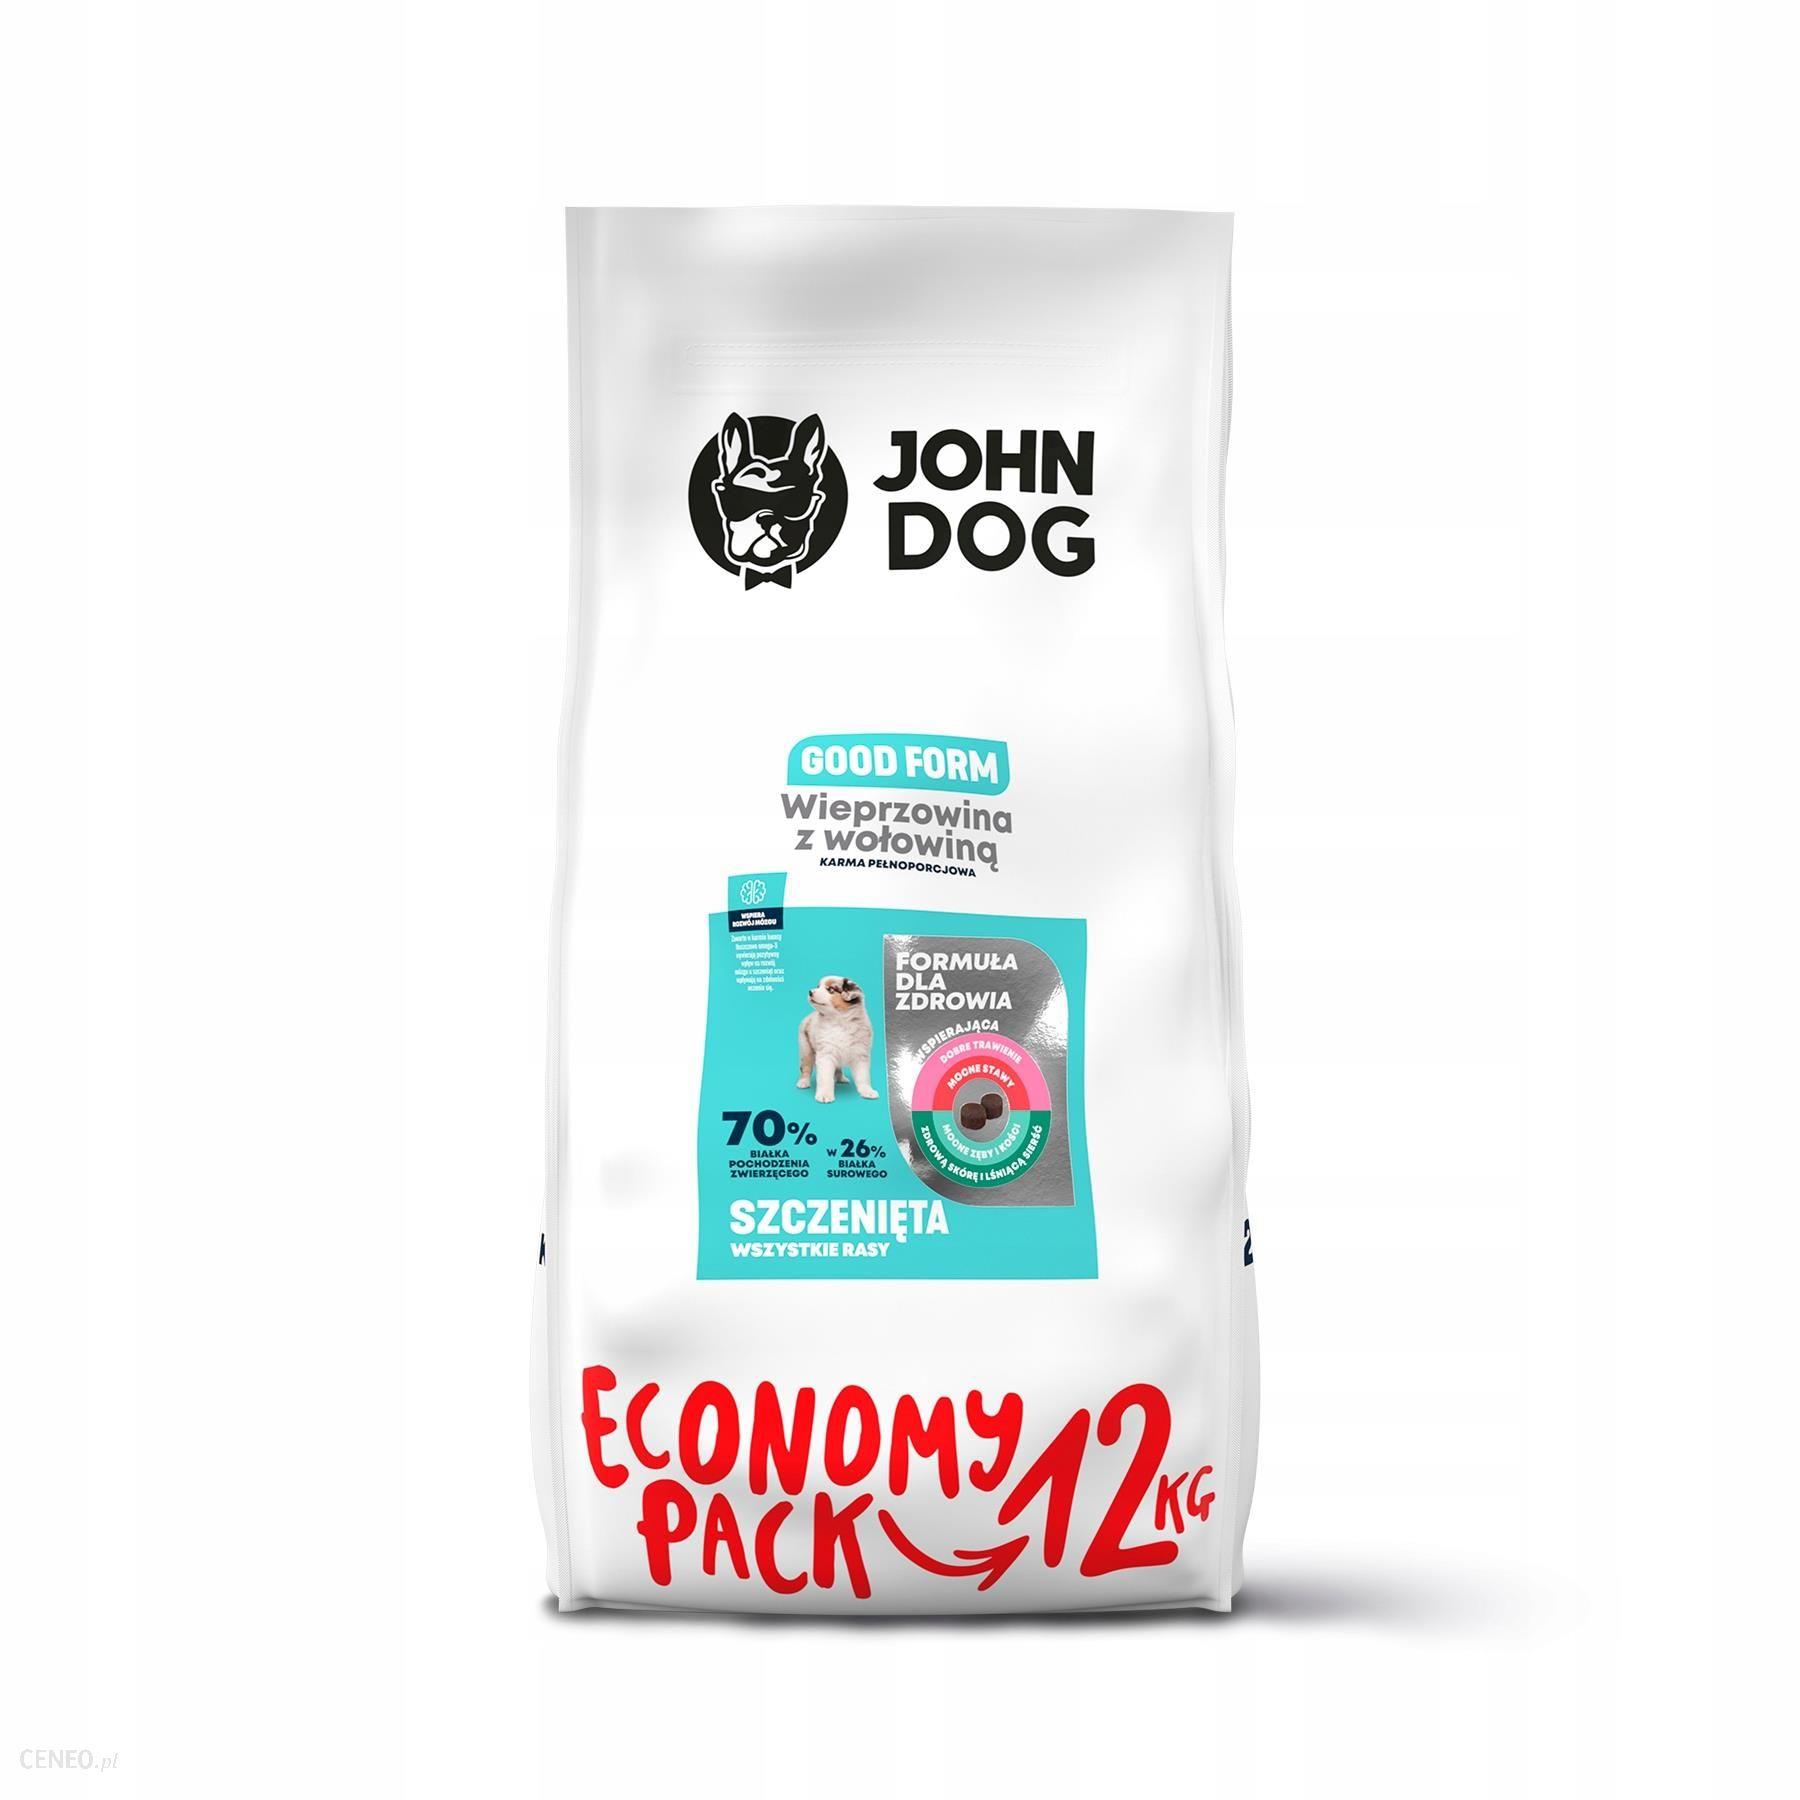 John Dog Szczeniak Wieprzowina Wołowina 12Kg